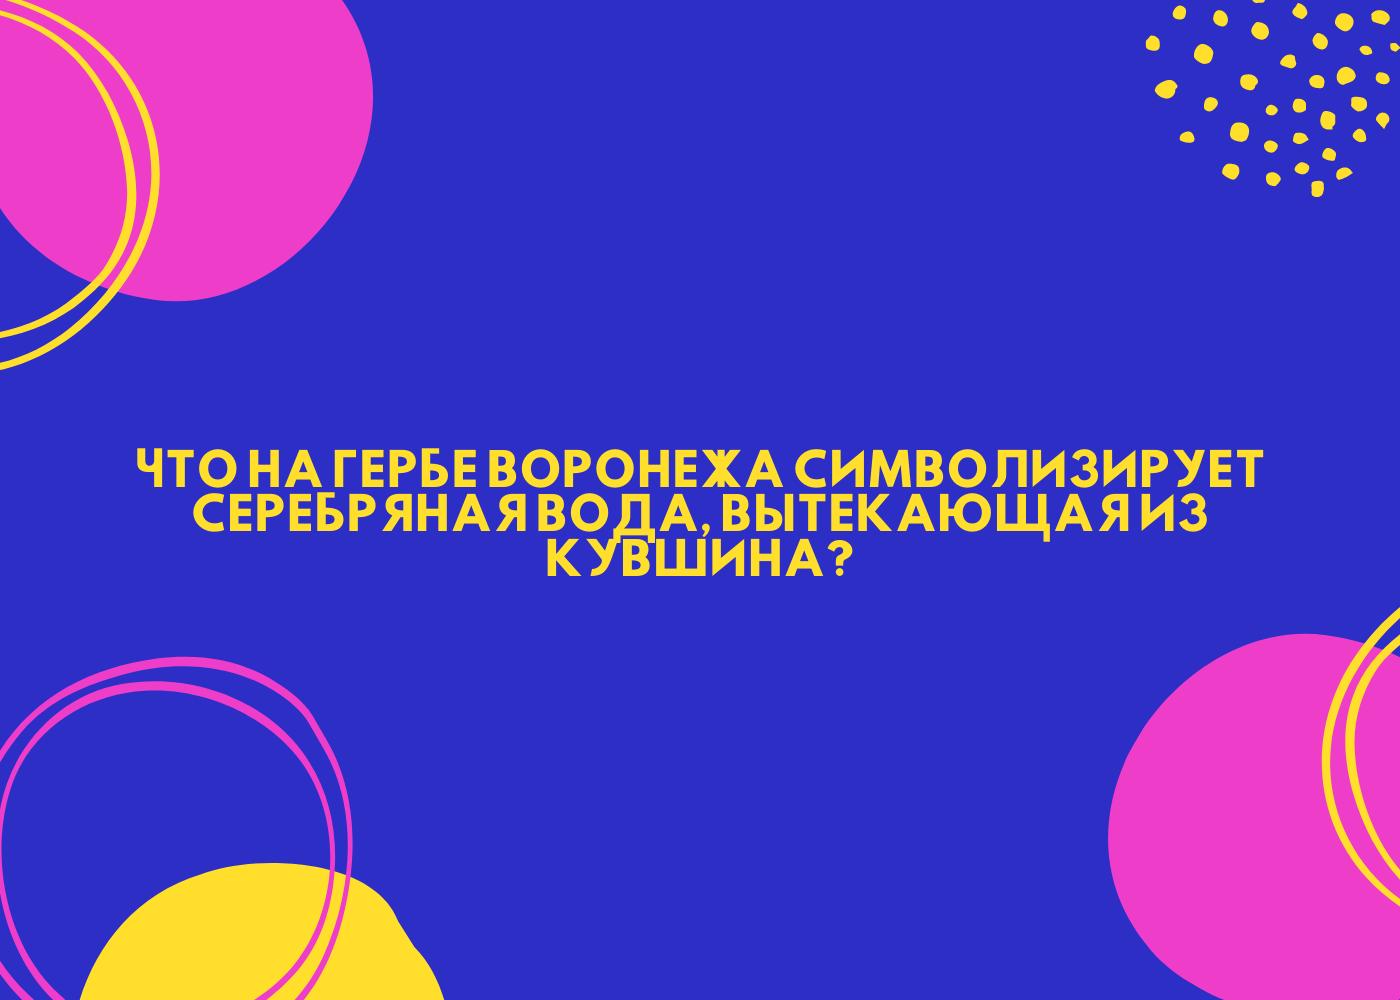 https://oubvrn.ru/images/2501/3.jpg